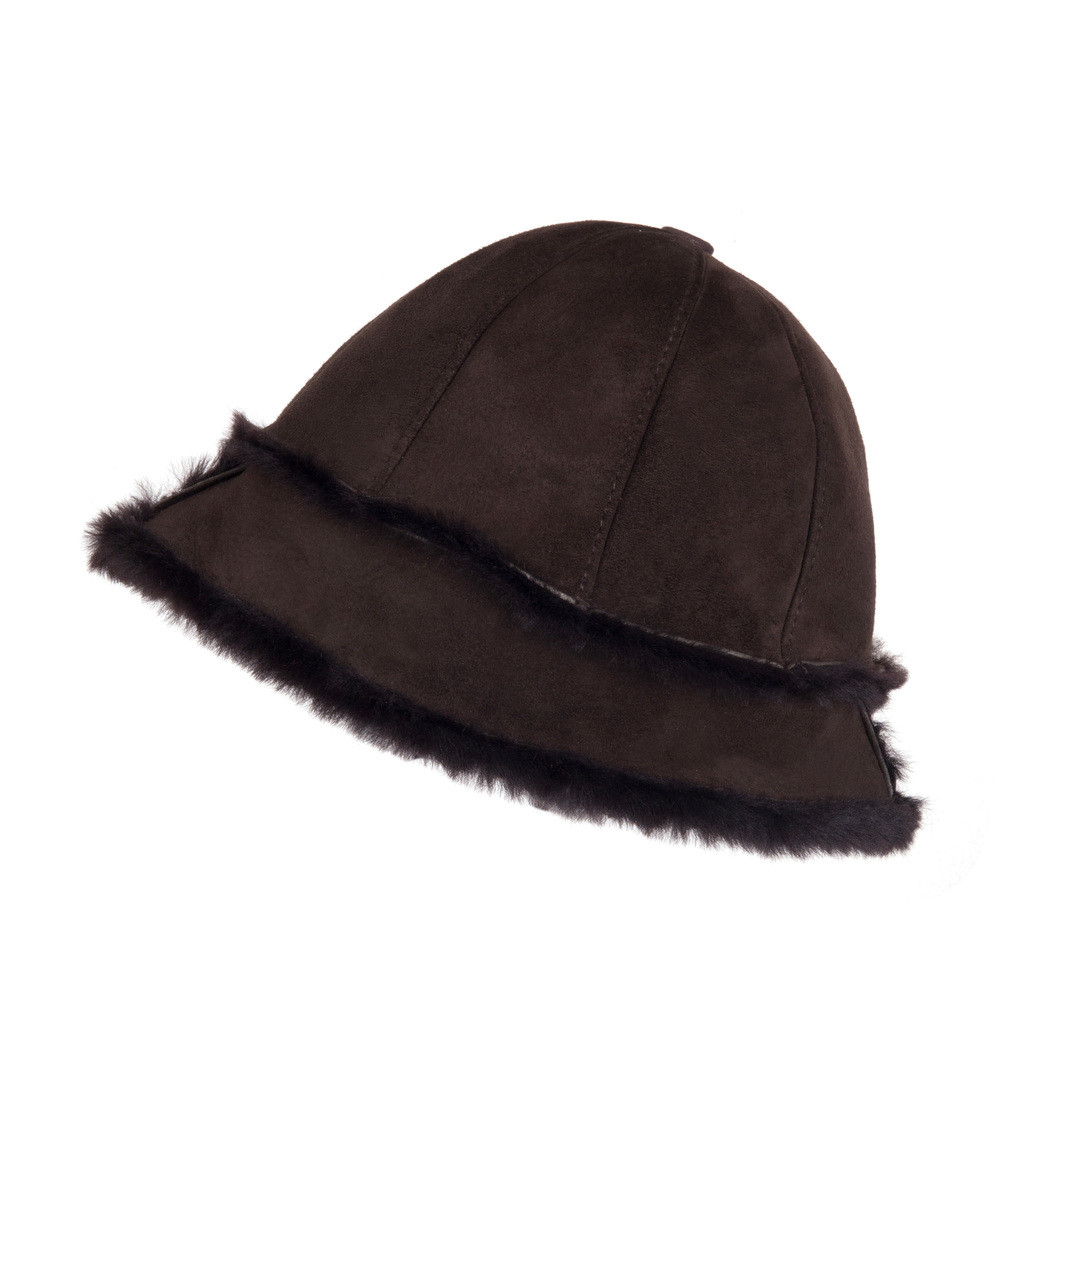 b472ece72 Women's Shearling Sheepskin Winter Fur Bucket Beanie Hat Brown Suede